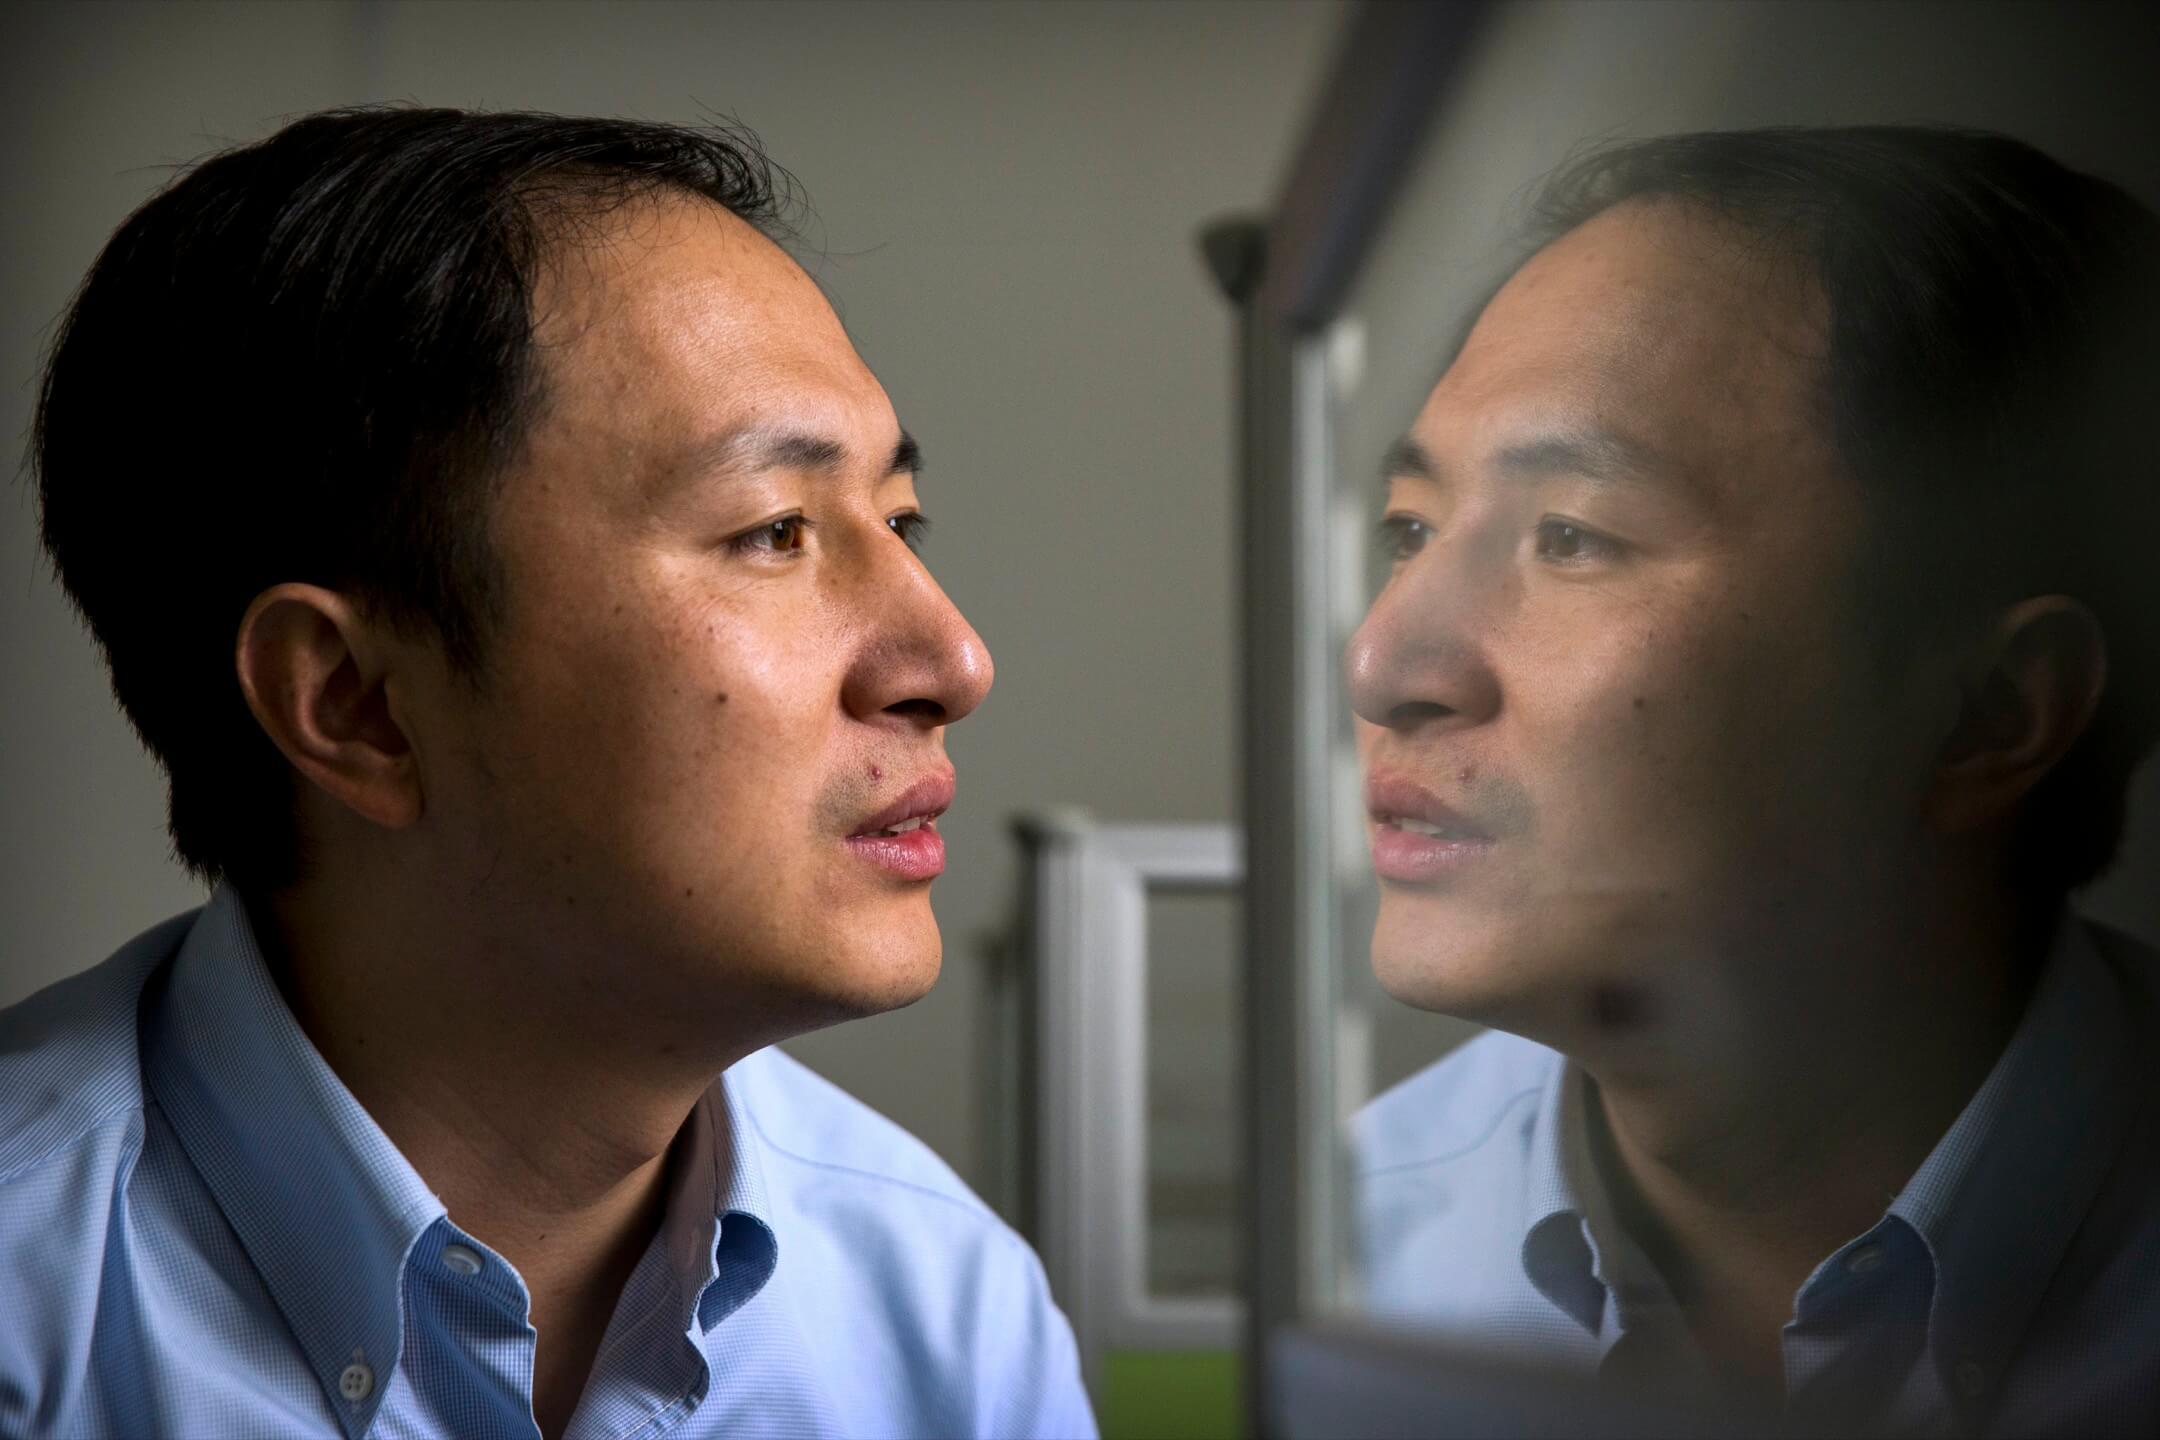 中國南方科技大學科學家賀建奎。